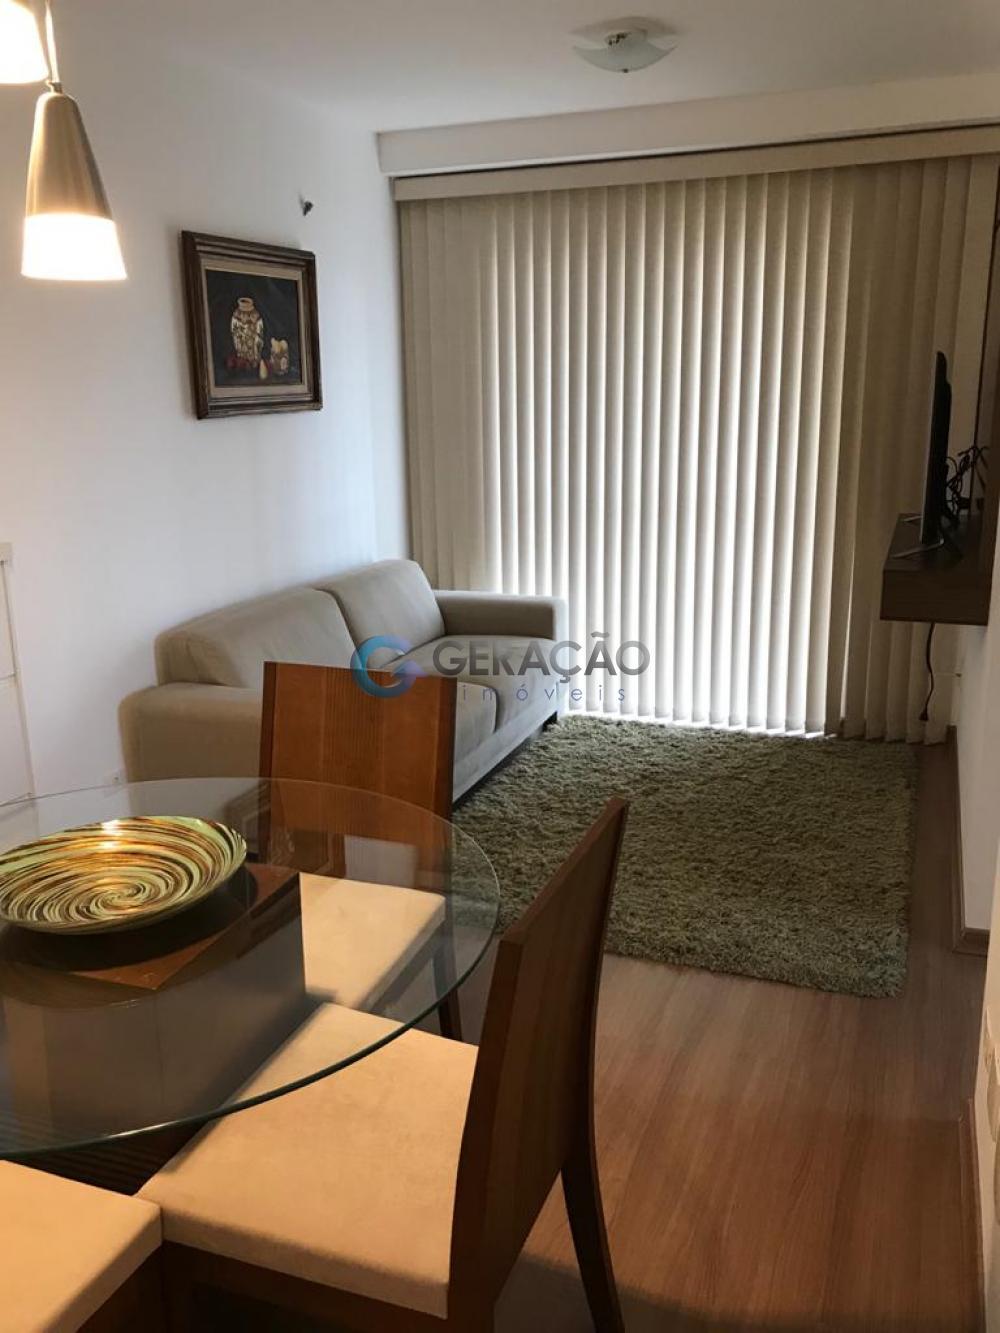 Comprar Apartamento / Padrão em São José dos Campos R$ 370.000,00 - Foto 3